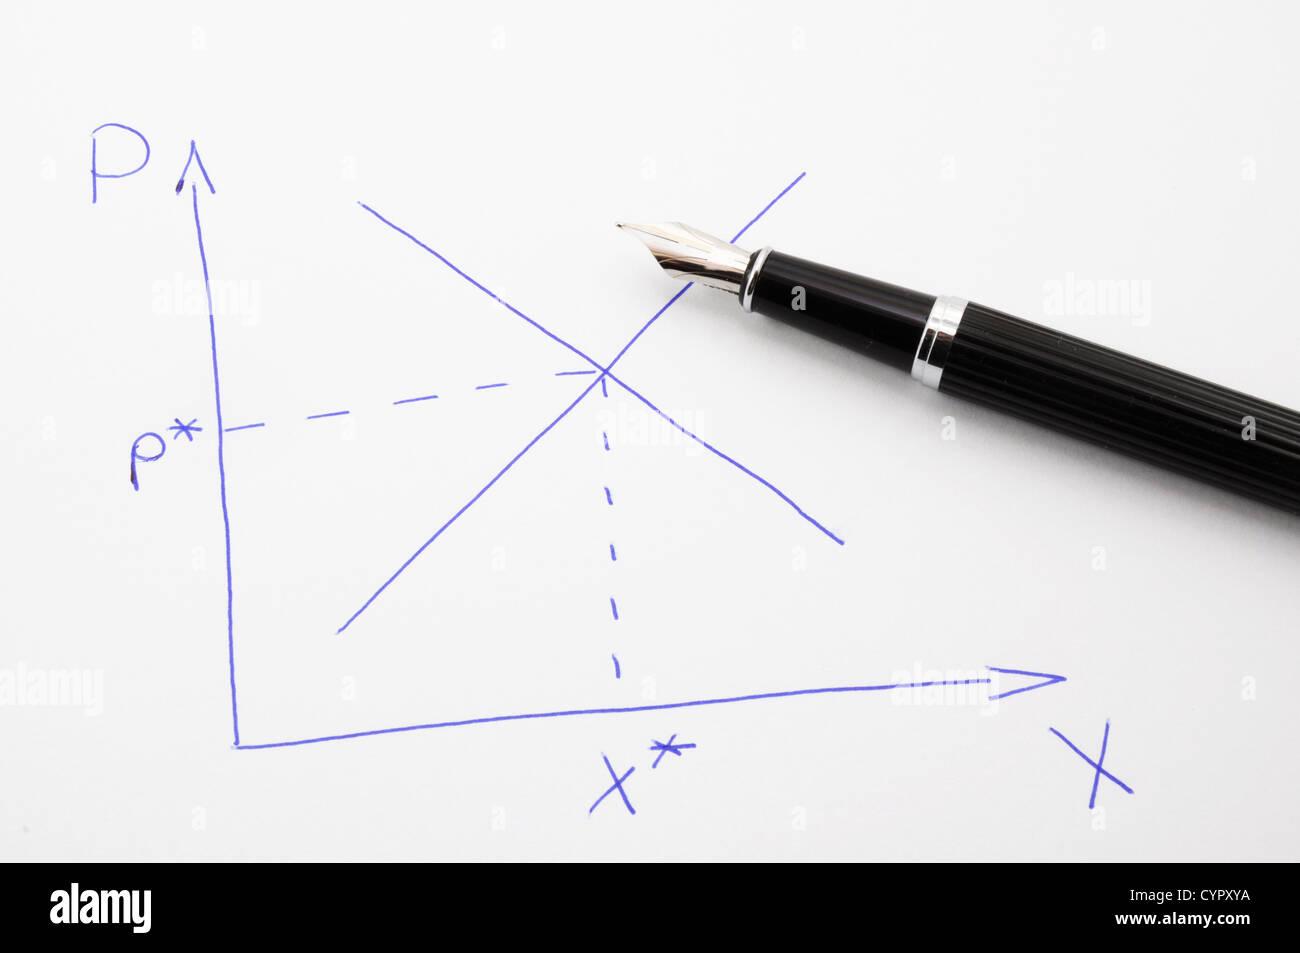 L'économie de marché concept avec la courbe de l'offre et de la demande Photo Stock